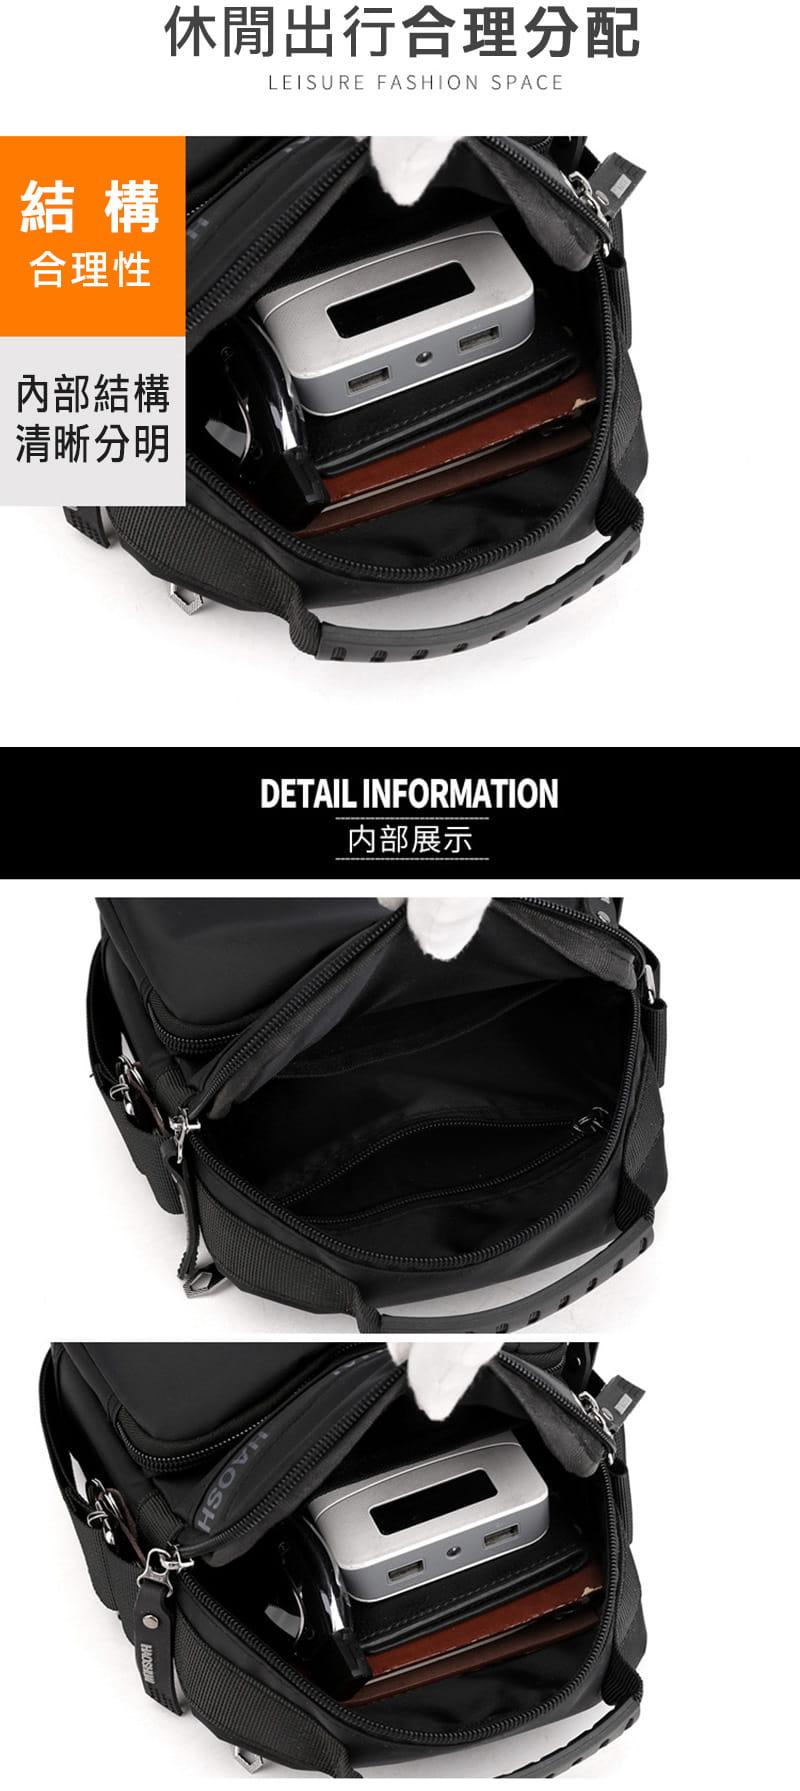 HAOSHUAI【休閒手提斜跨兩用包】(黑色)肩背包 斜背包 單肩包 手提包 1300# 7